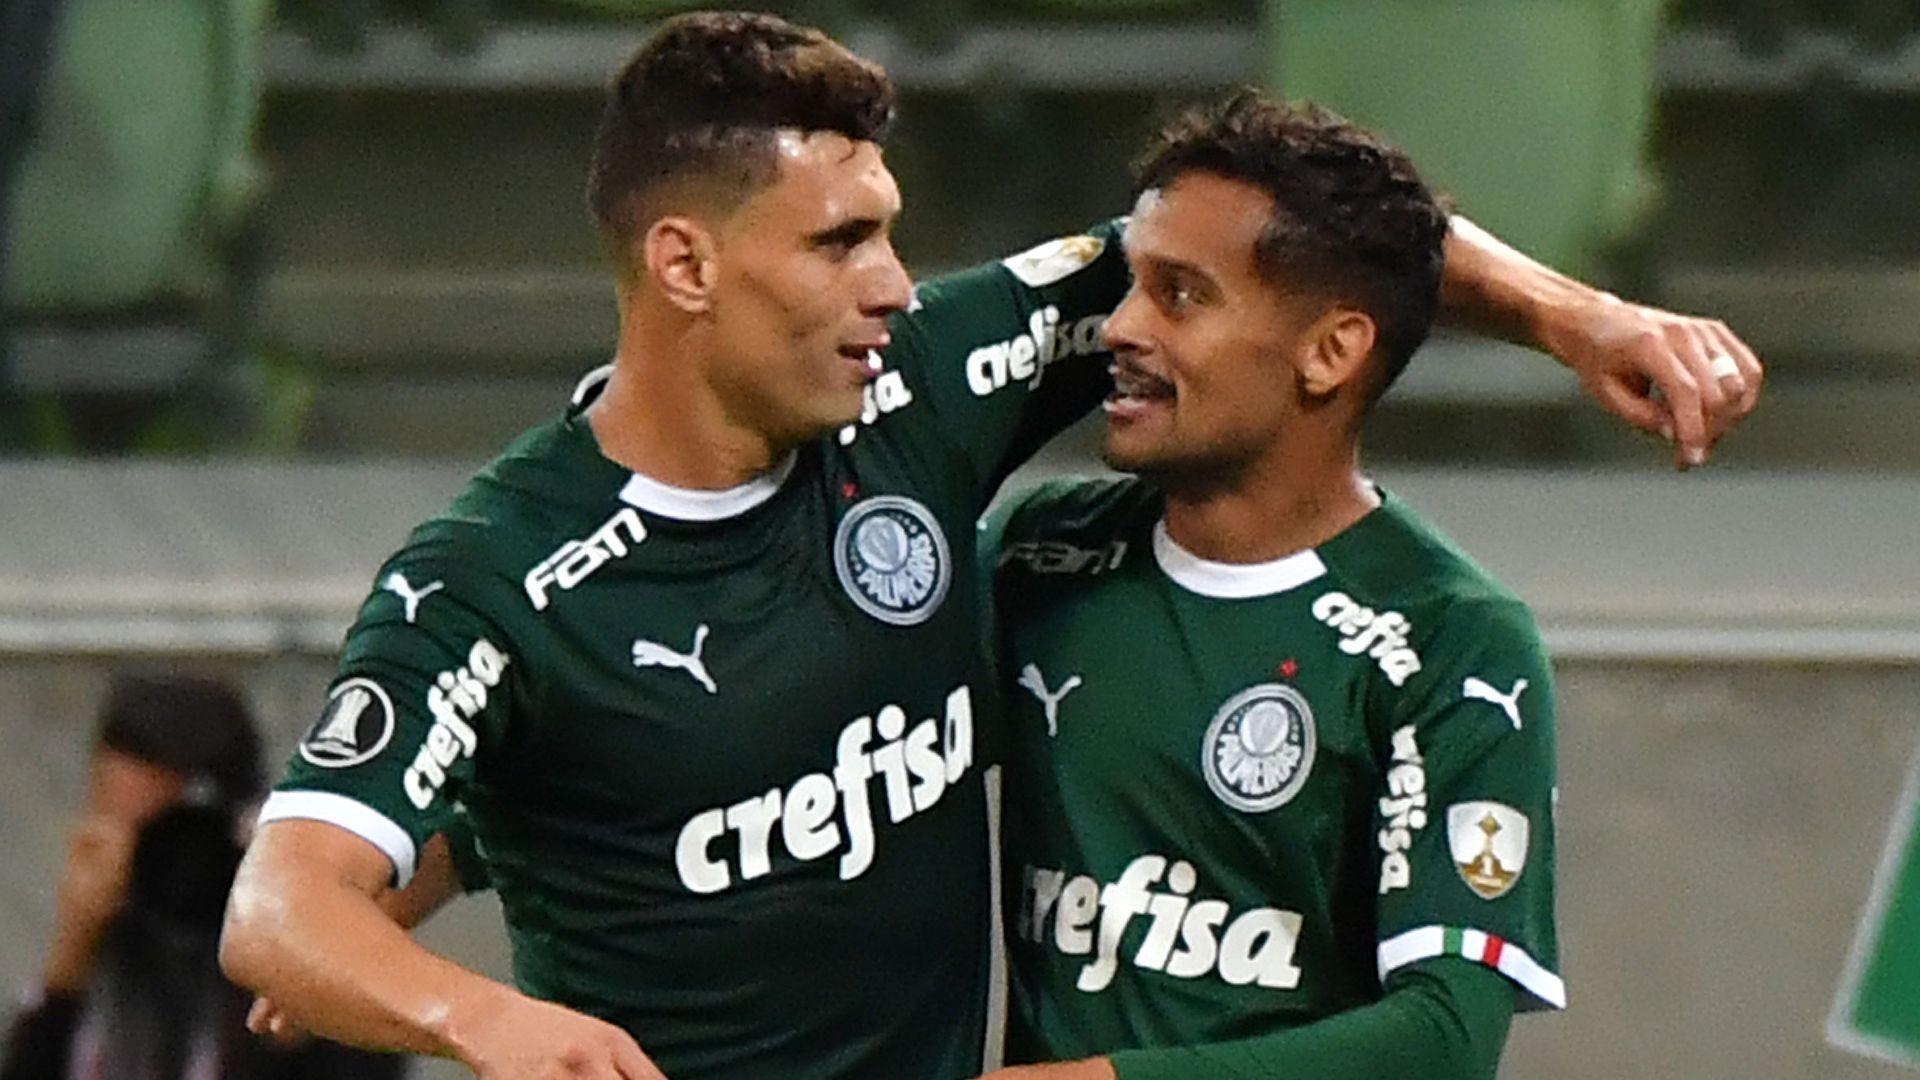 Moisés Gustavo Scarpa Palmeiras San Lorenzo Libertadores 08052019